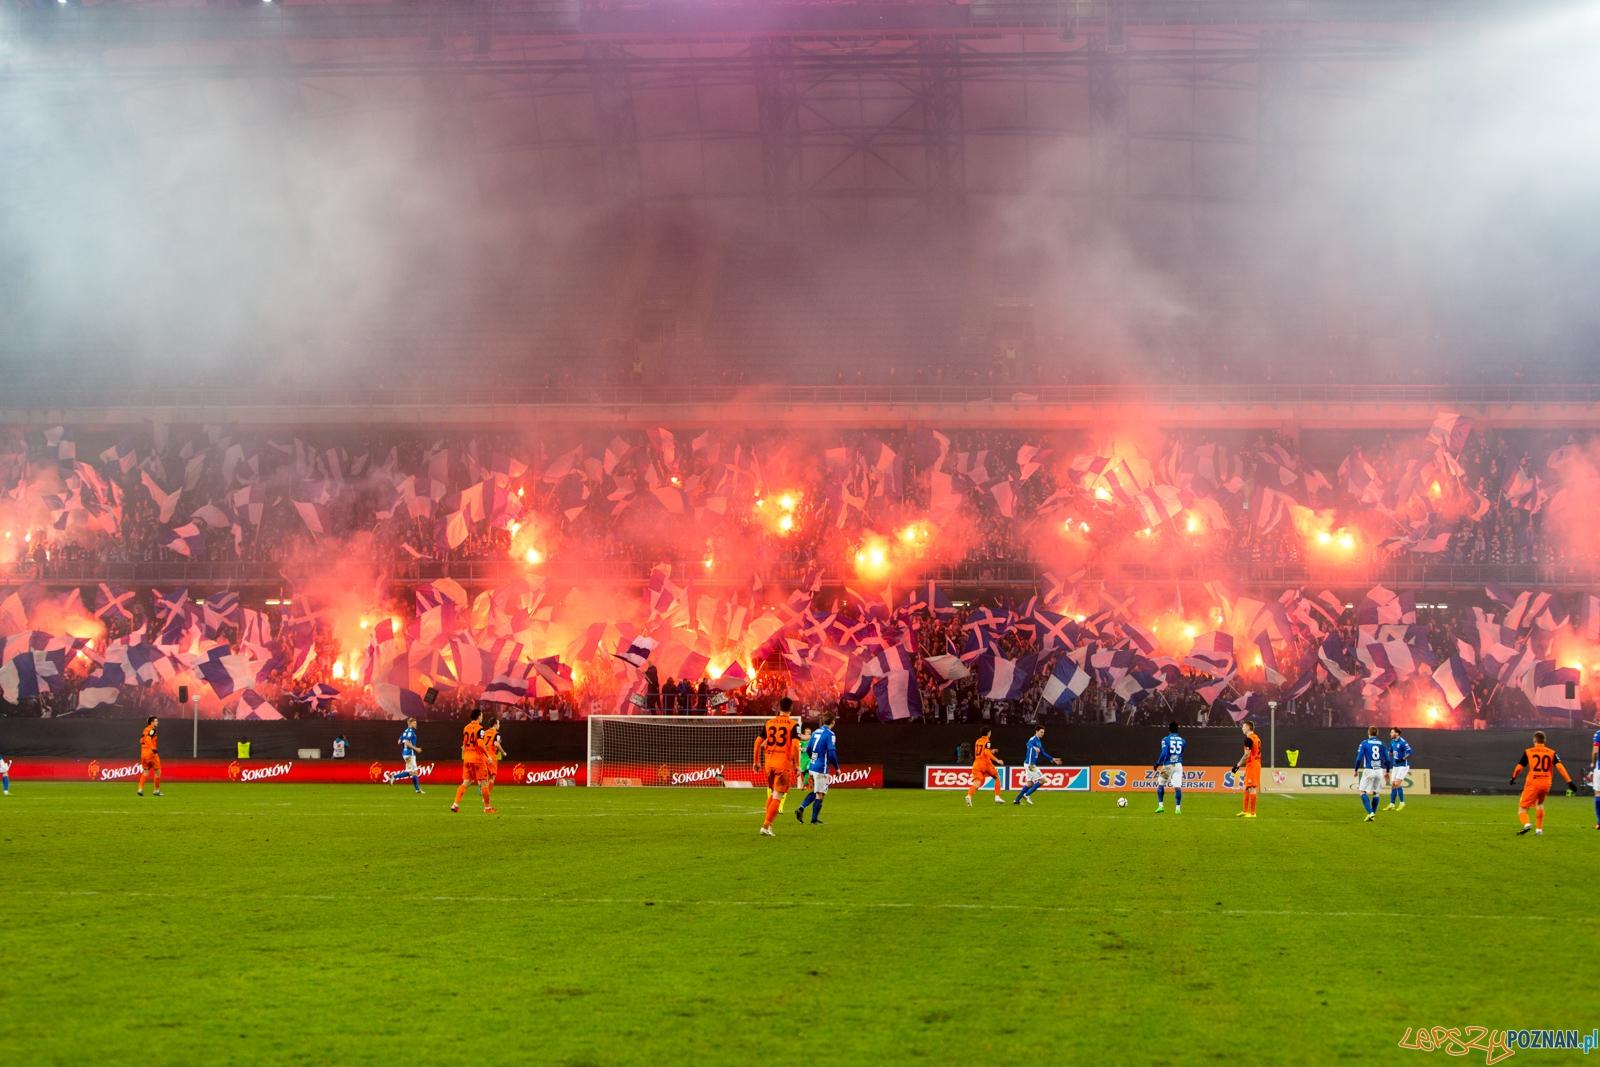 20. kolejka Ekstraklasy - Lech Poznań - Zagłebie Lubin (najlep  Foto: lepszyPOZNAN.pl / Piotr Rychter